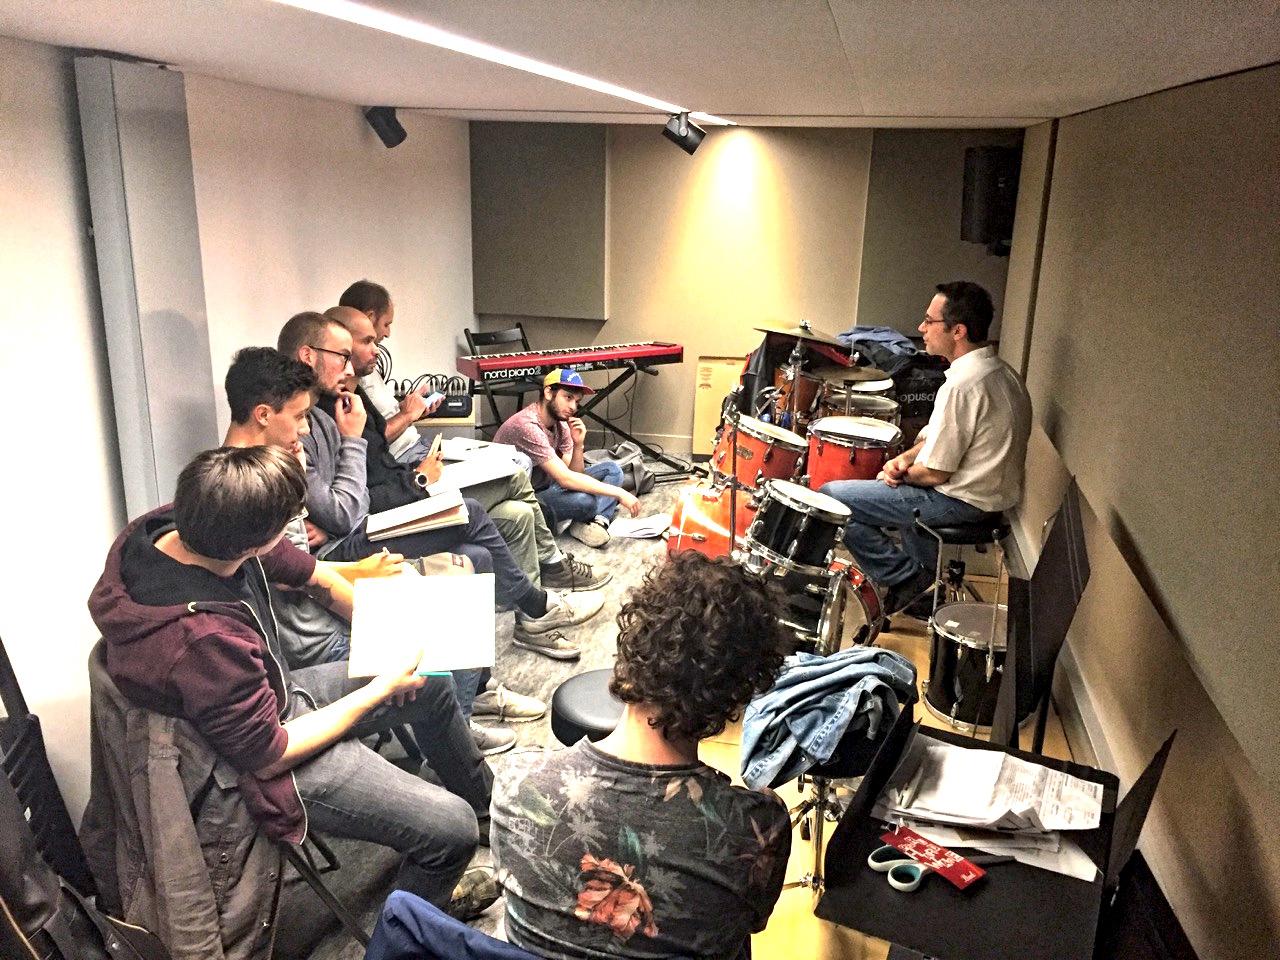 IMEP Paris College of Music, 1er cours réservé aux batteurs au Studio C